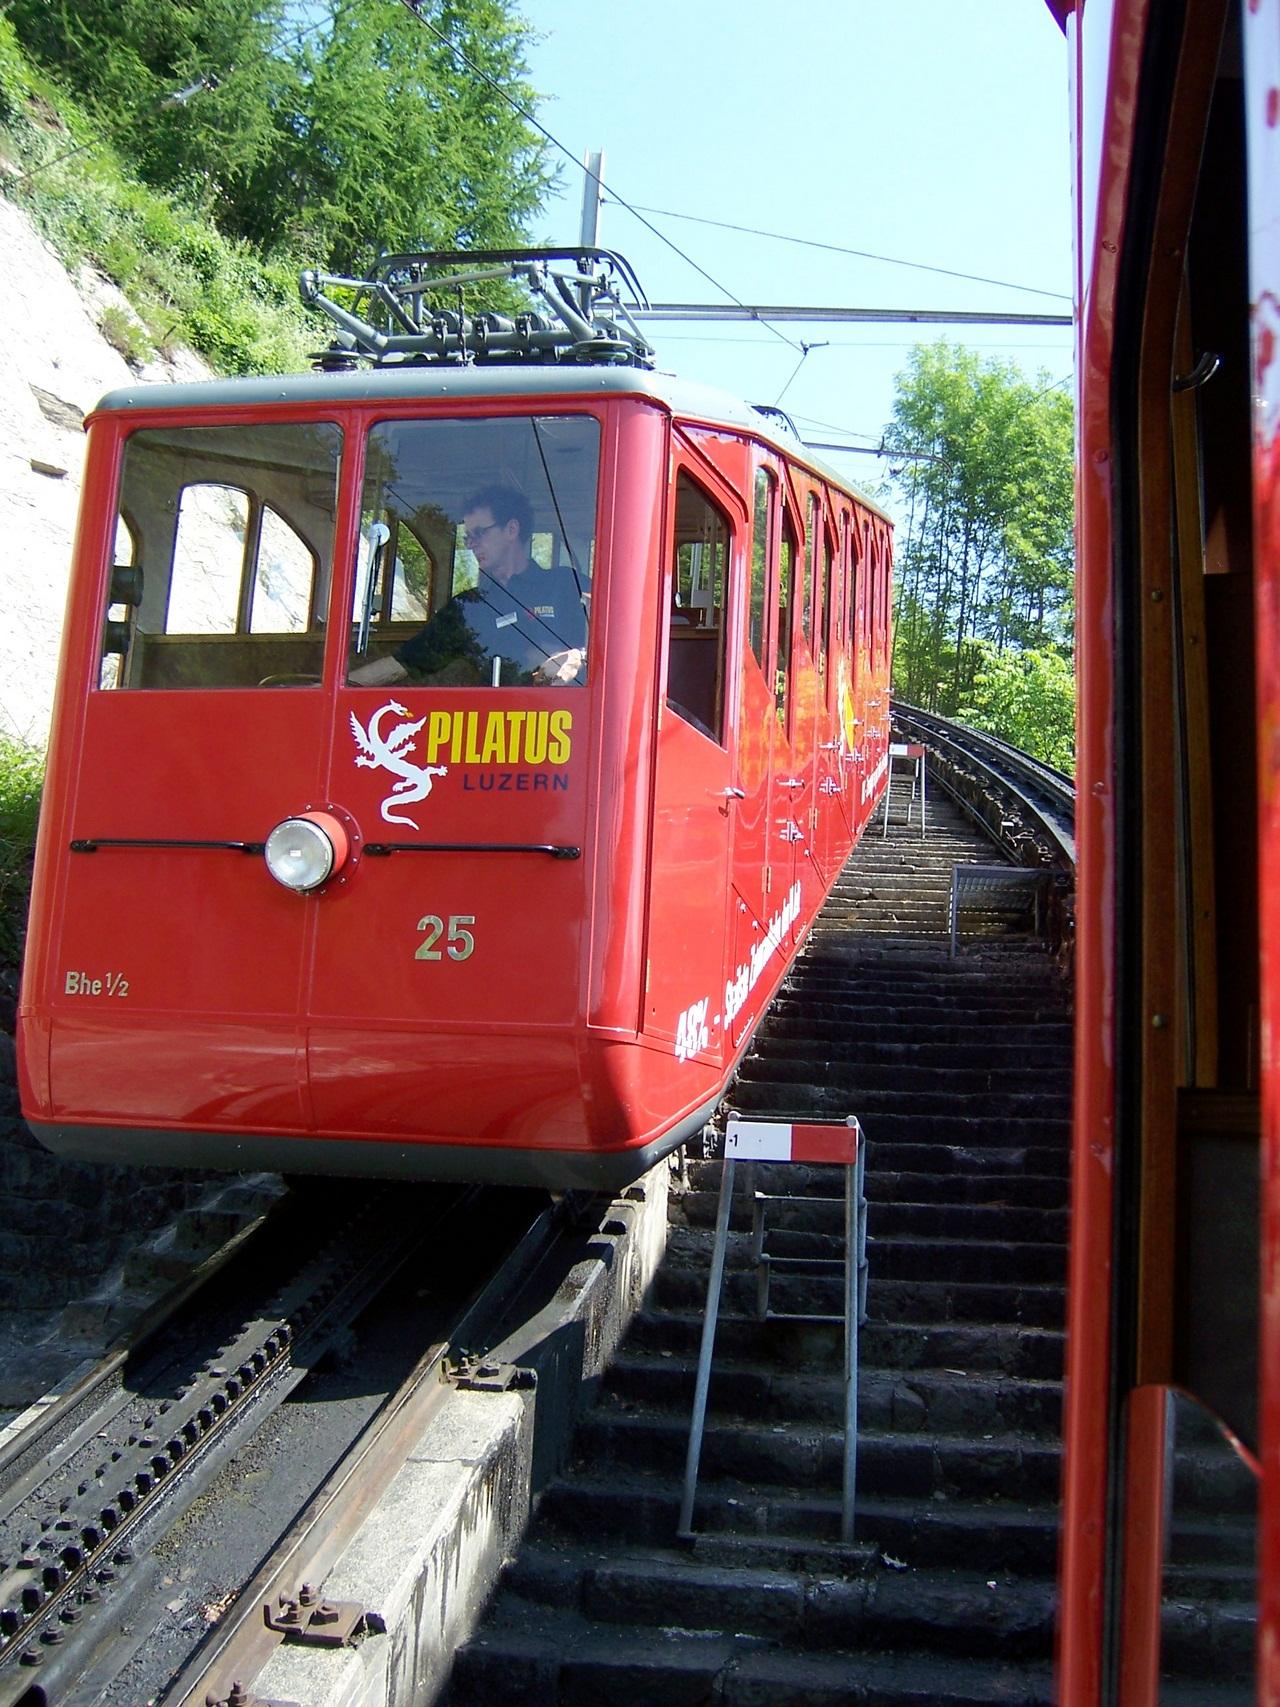 Пилатусбан — самая крутая железная дорога в мире